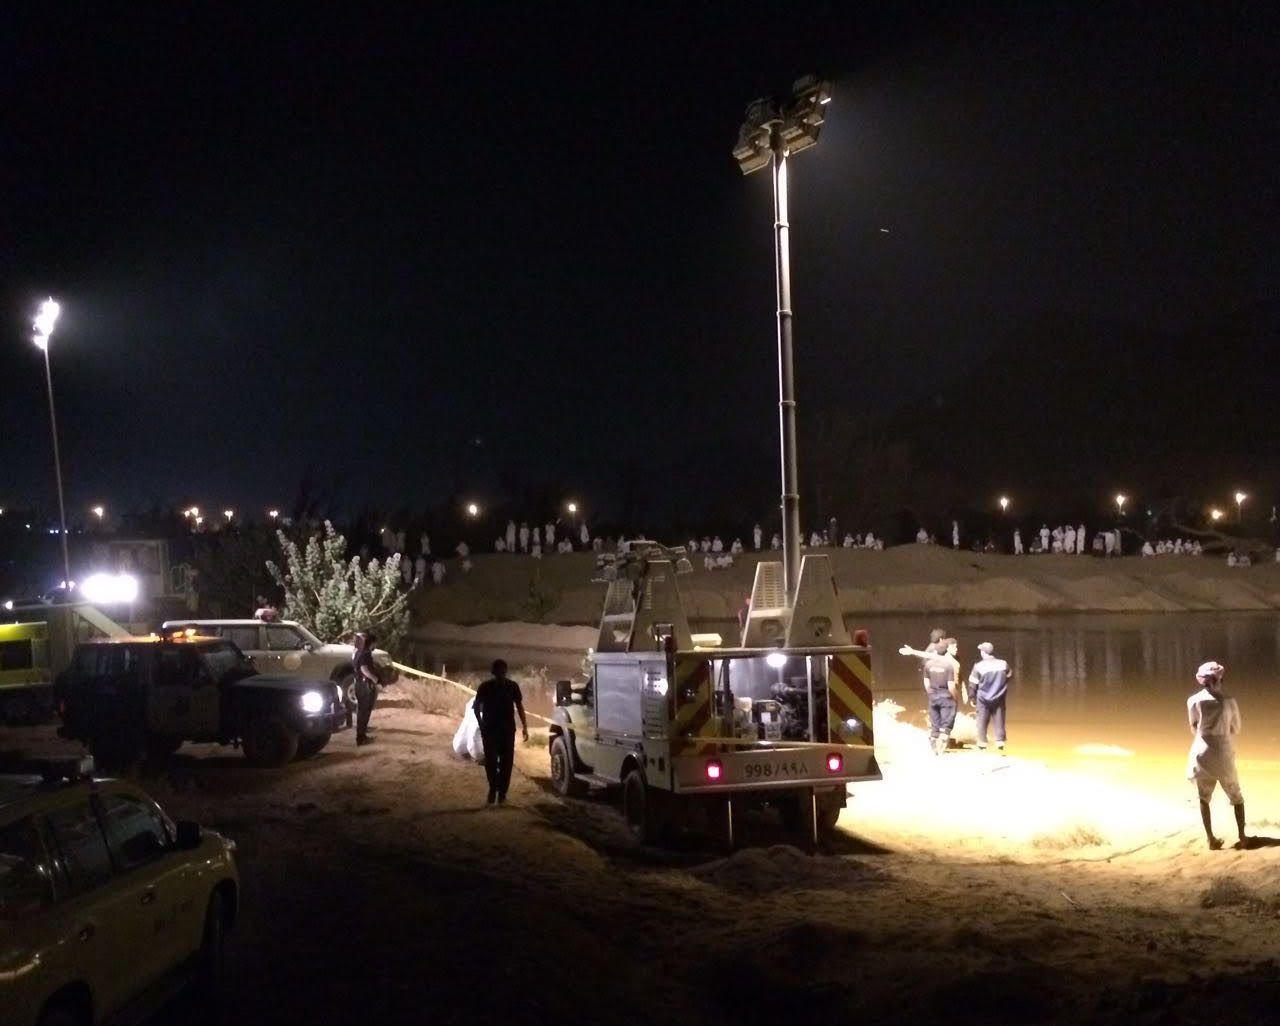 غواصوا مدني نجران يعثرون على جثة الشاب المفقود داخل حفرة ميا (5)